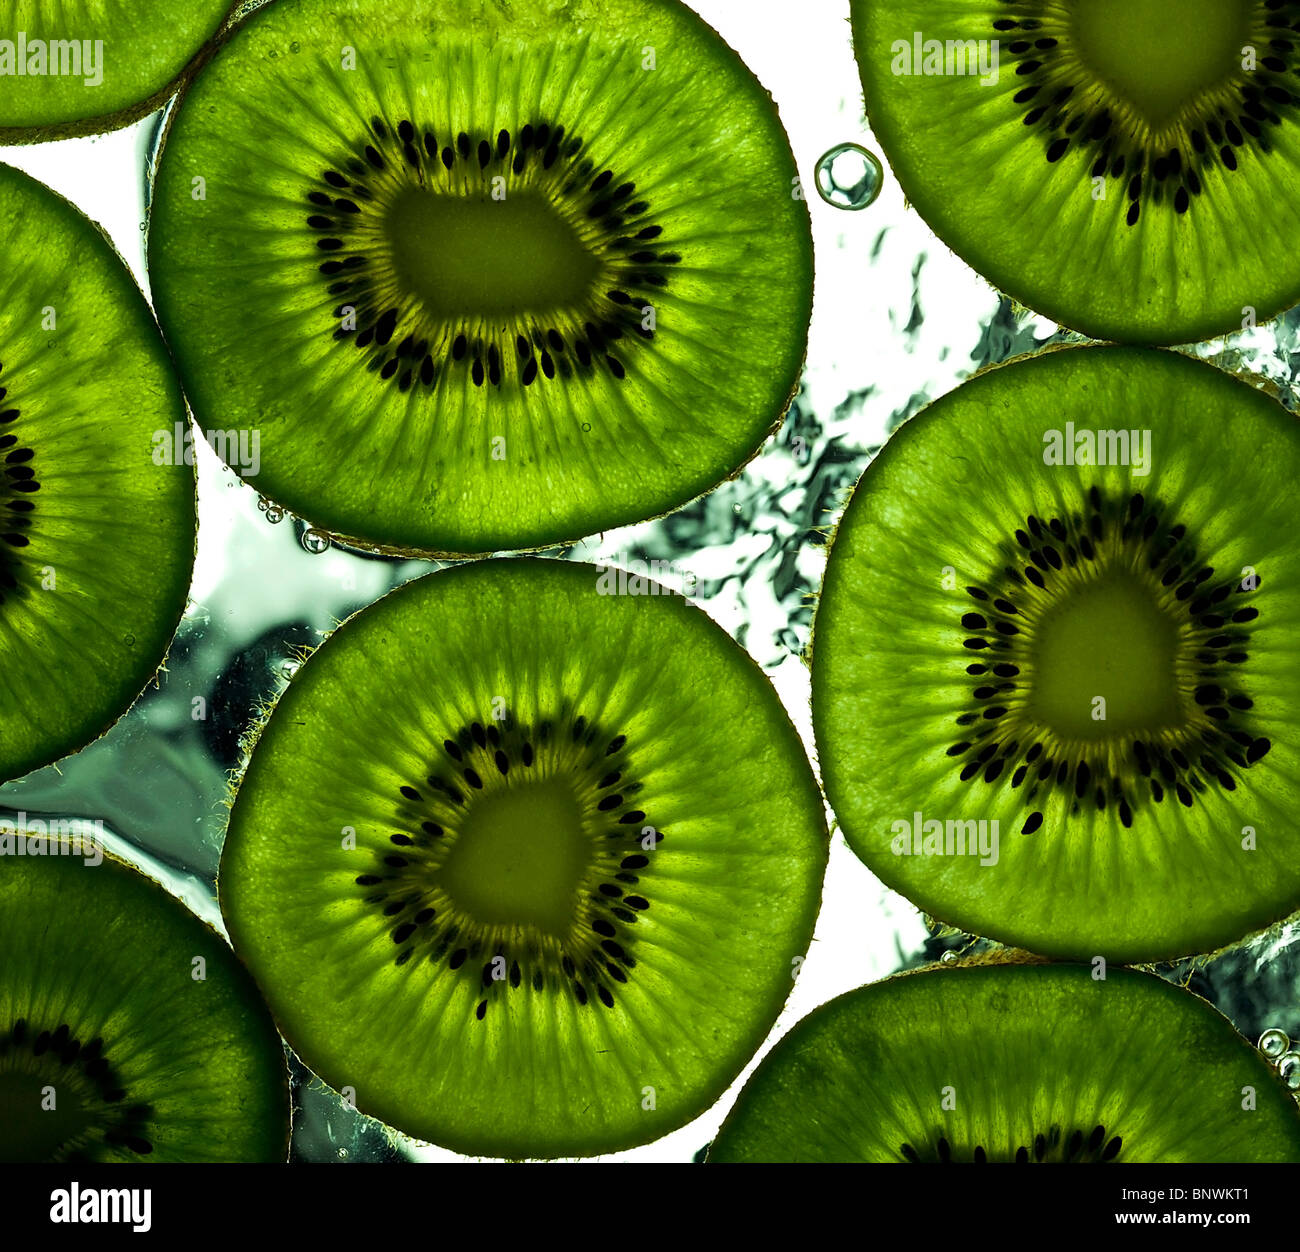 Algunas rodajas de kiwi maduro en la superficie húmeda Imagen De Stock